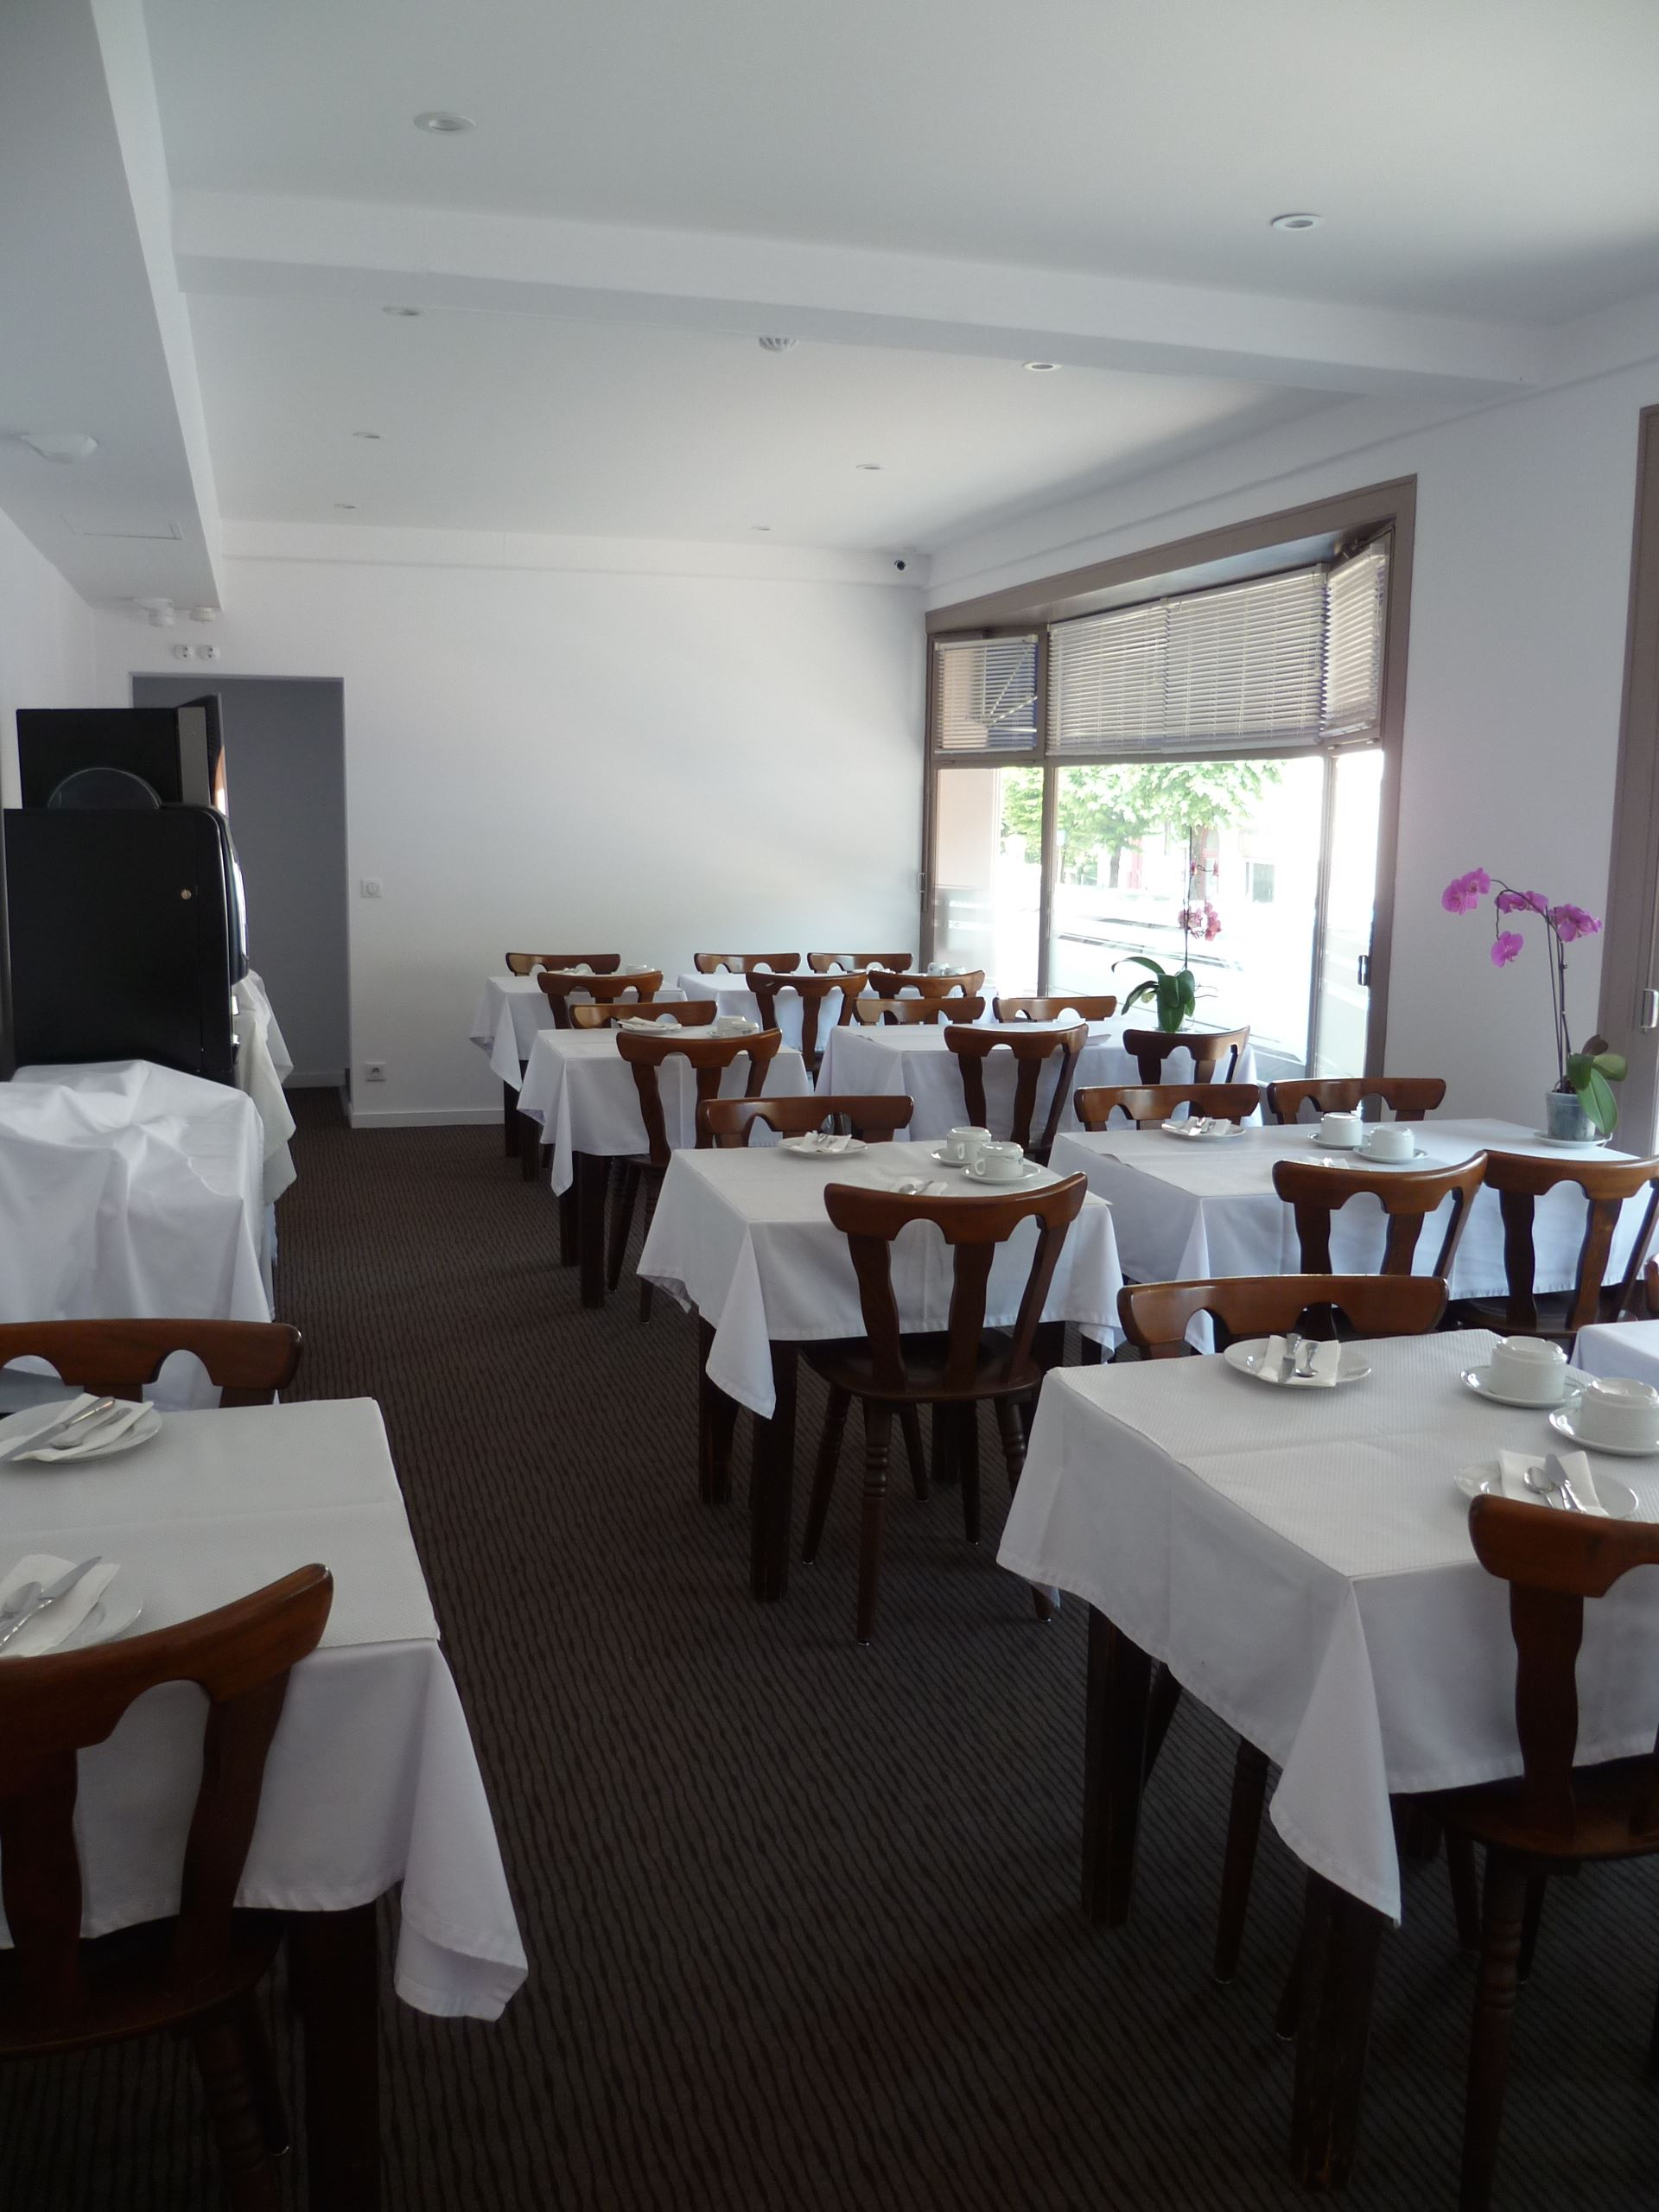 TXUTXU-MUTXU hotel